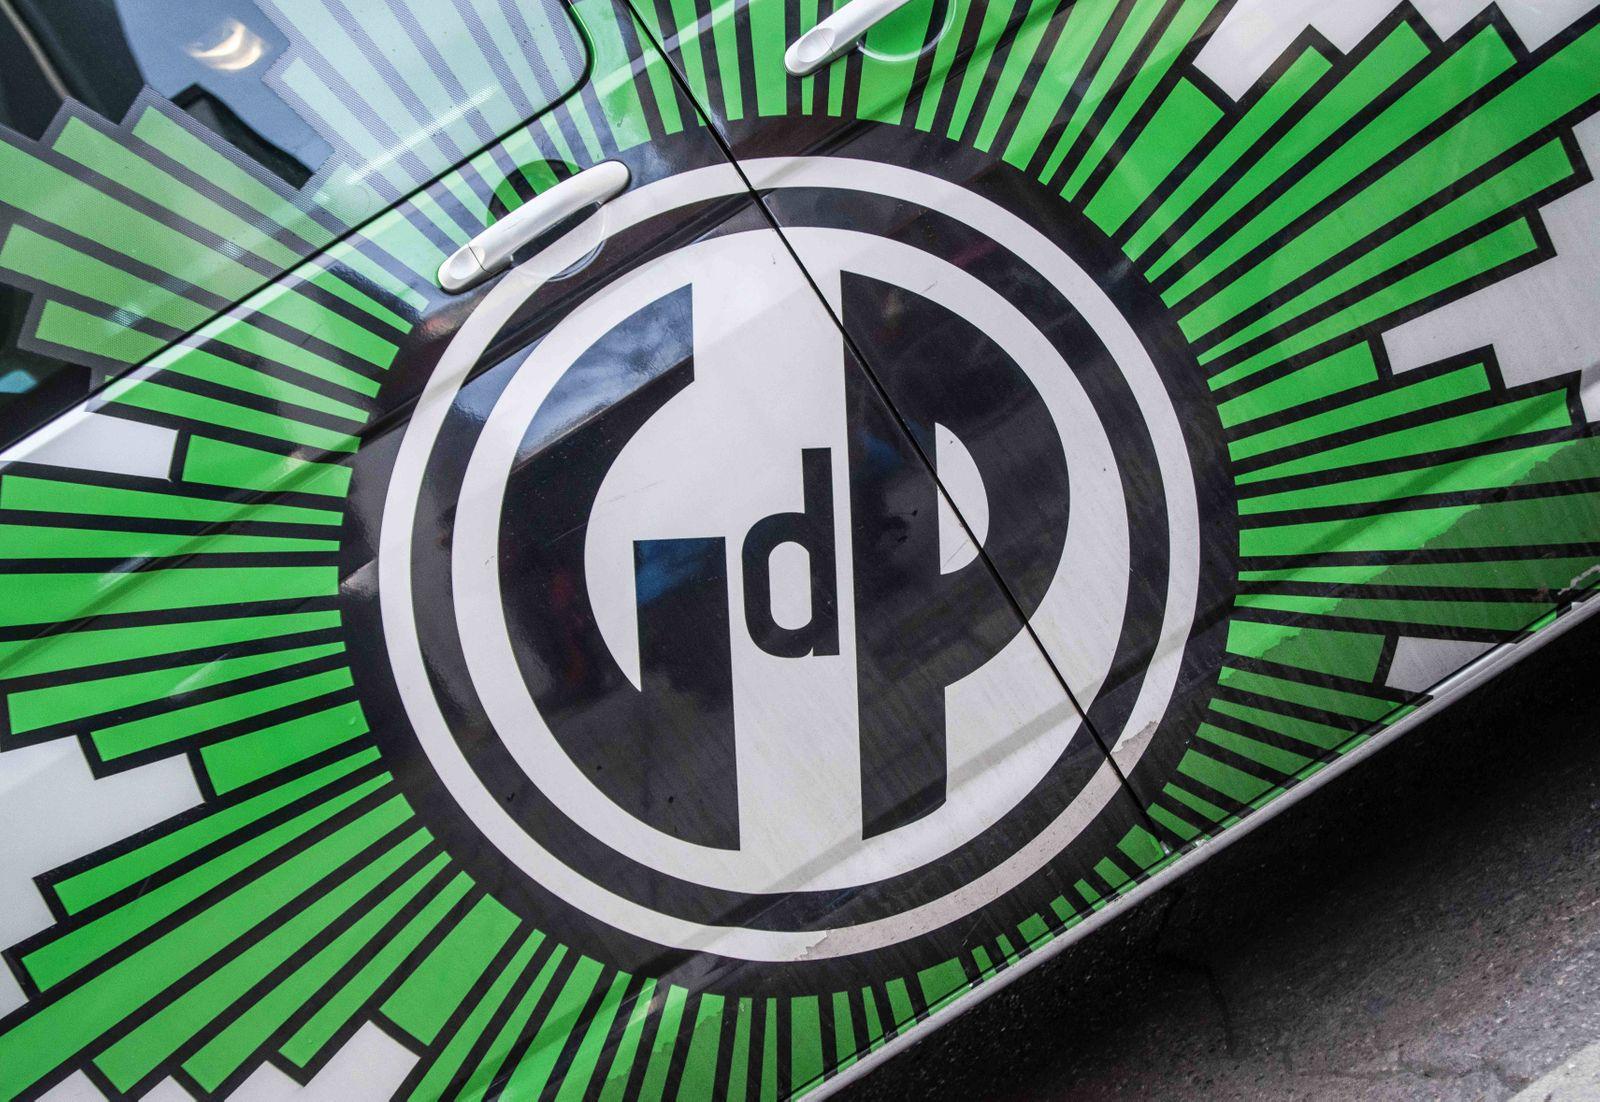 February 26, 2019 - Munich, Bavaria, Germany - Logo of the German Gewerkschaft der Polizei GdP Polic